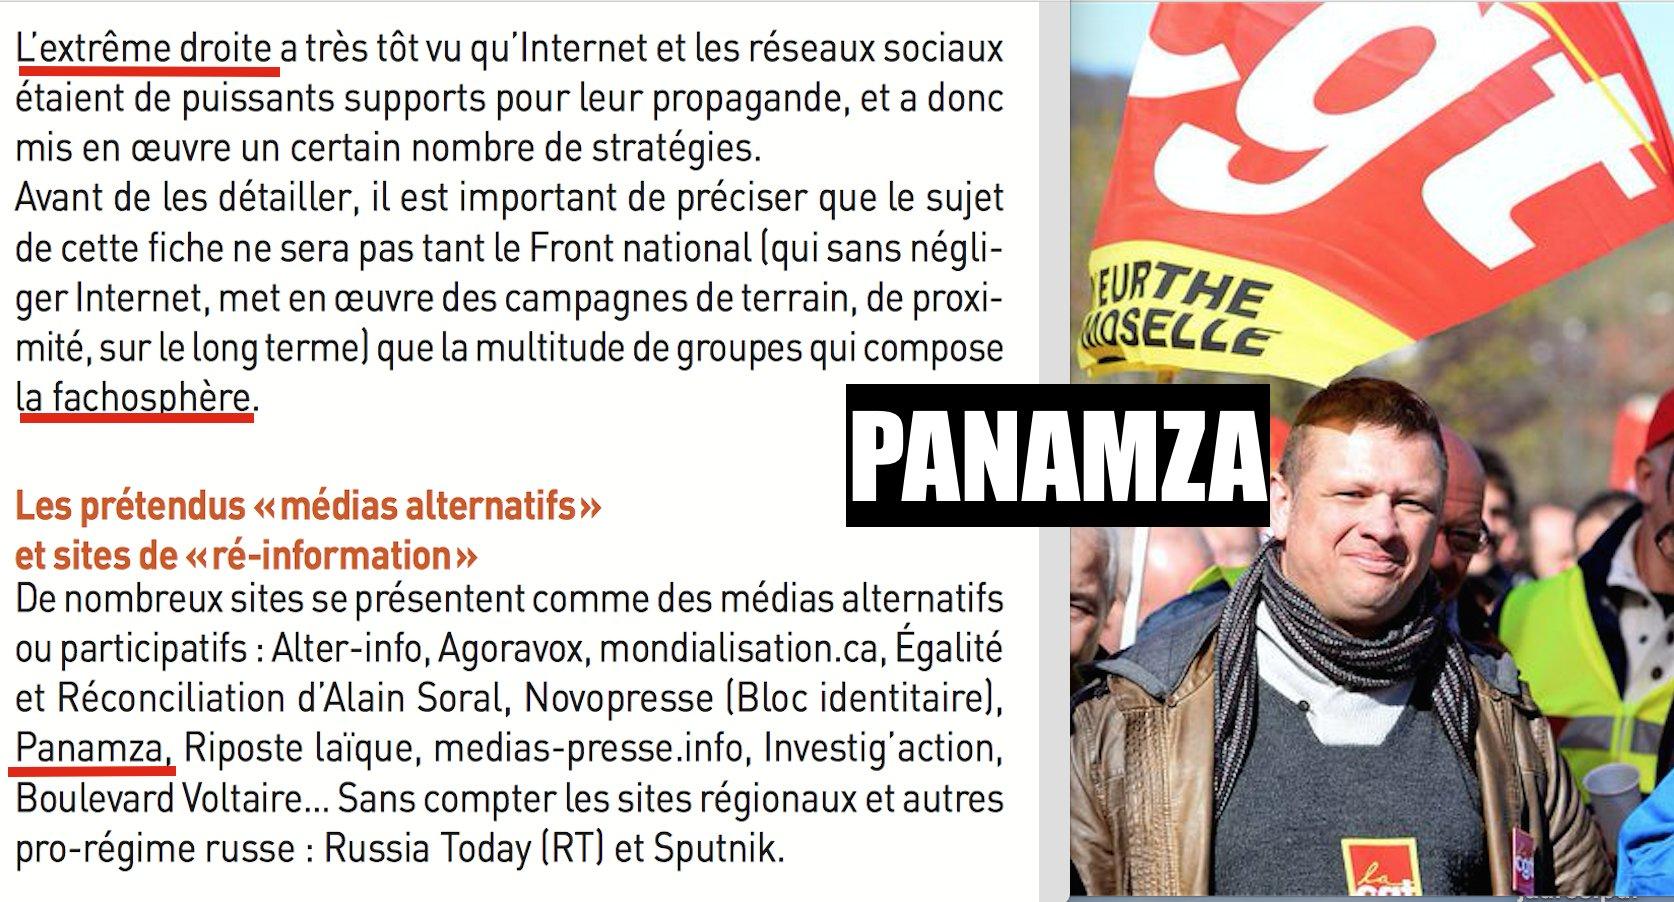 Bouffons : la CGT présente Panamza comme